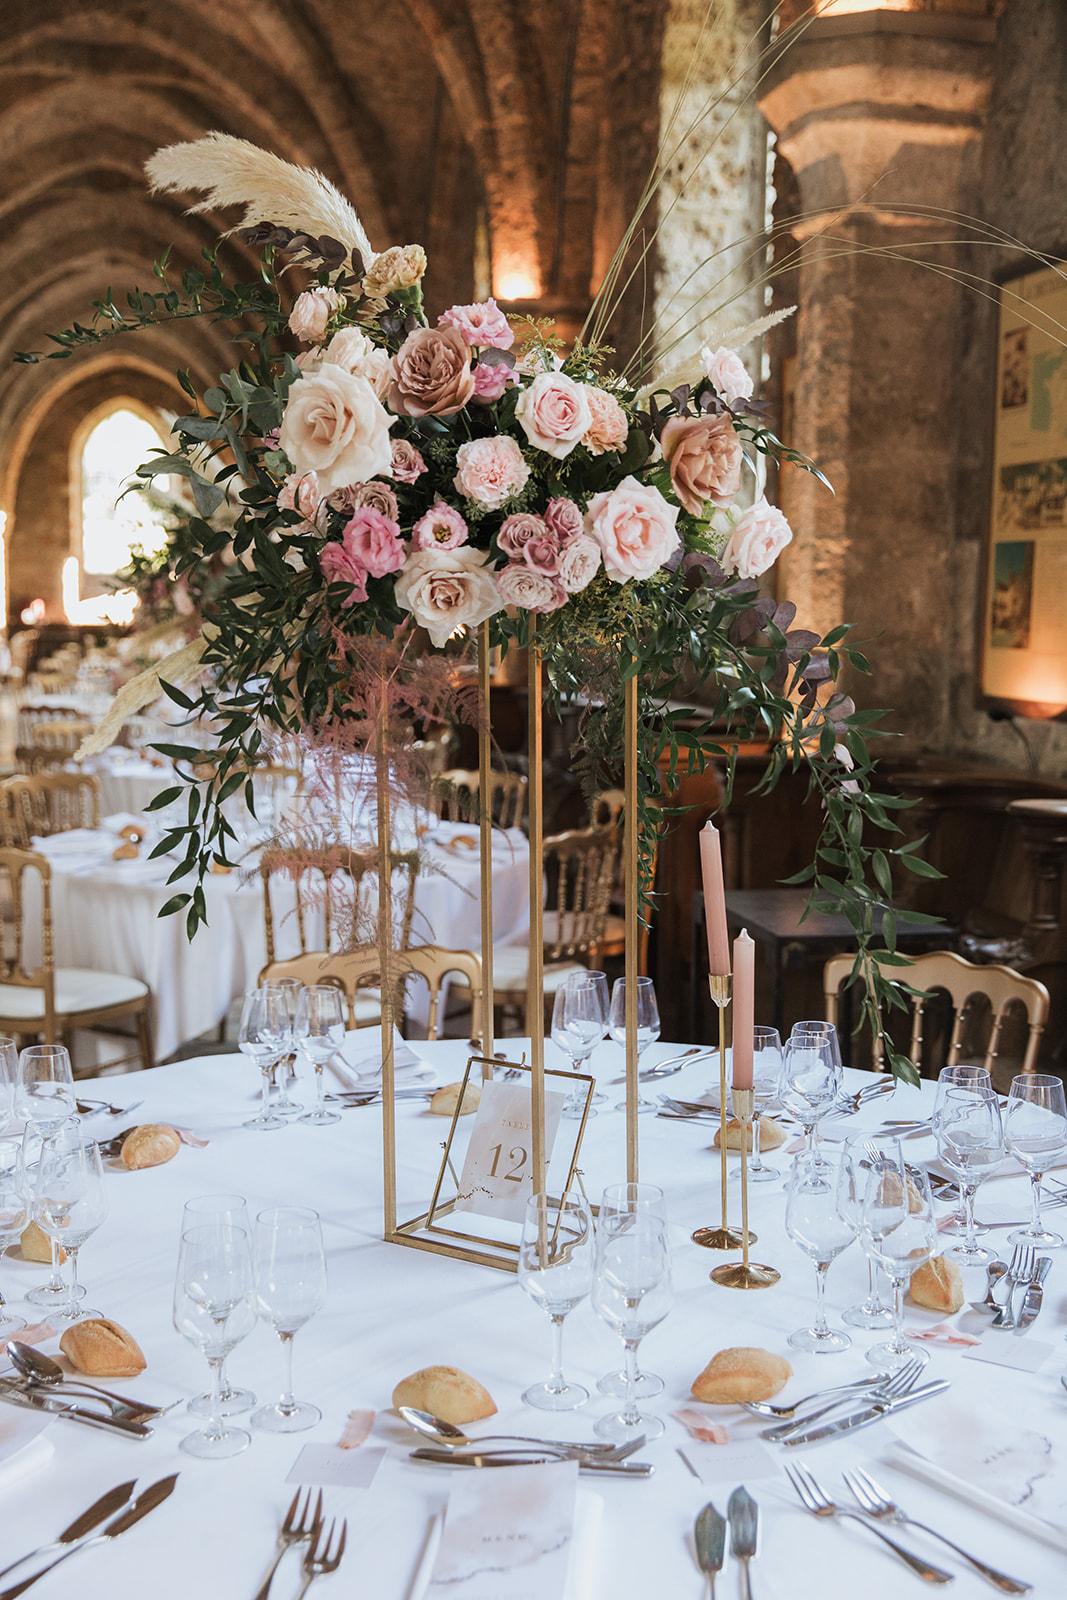 Mariage, décoratrice mariage, décoratrice paris, fleuriste mariage, fleuriste paris, abbaye des vaux de cernay, mariage élégant, décoration mariage, floral design, mariage raffiné